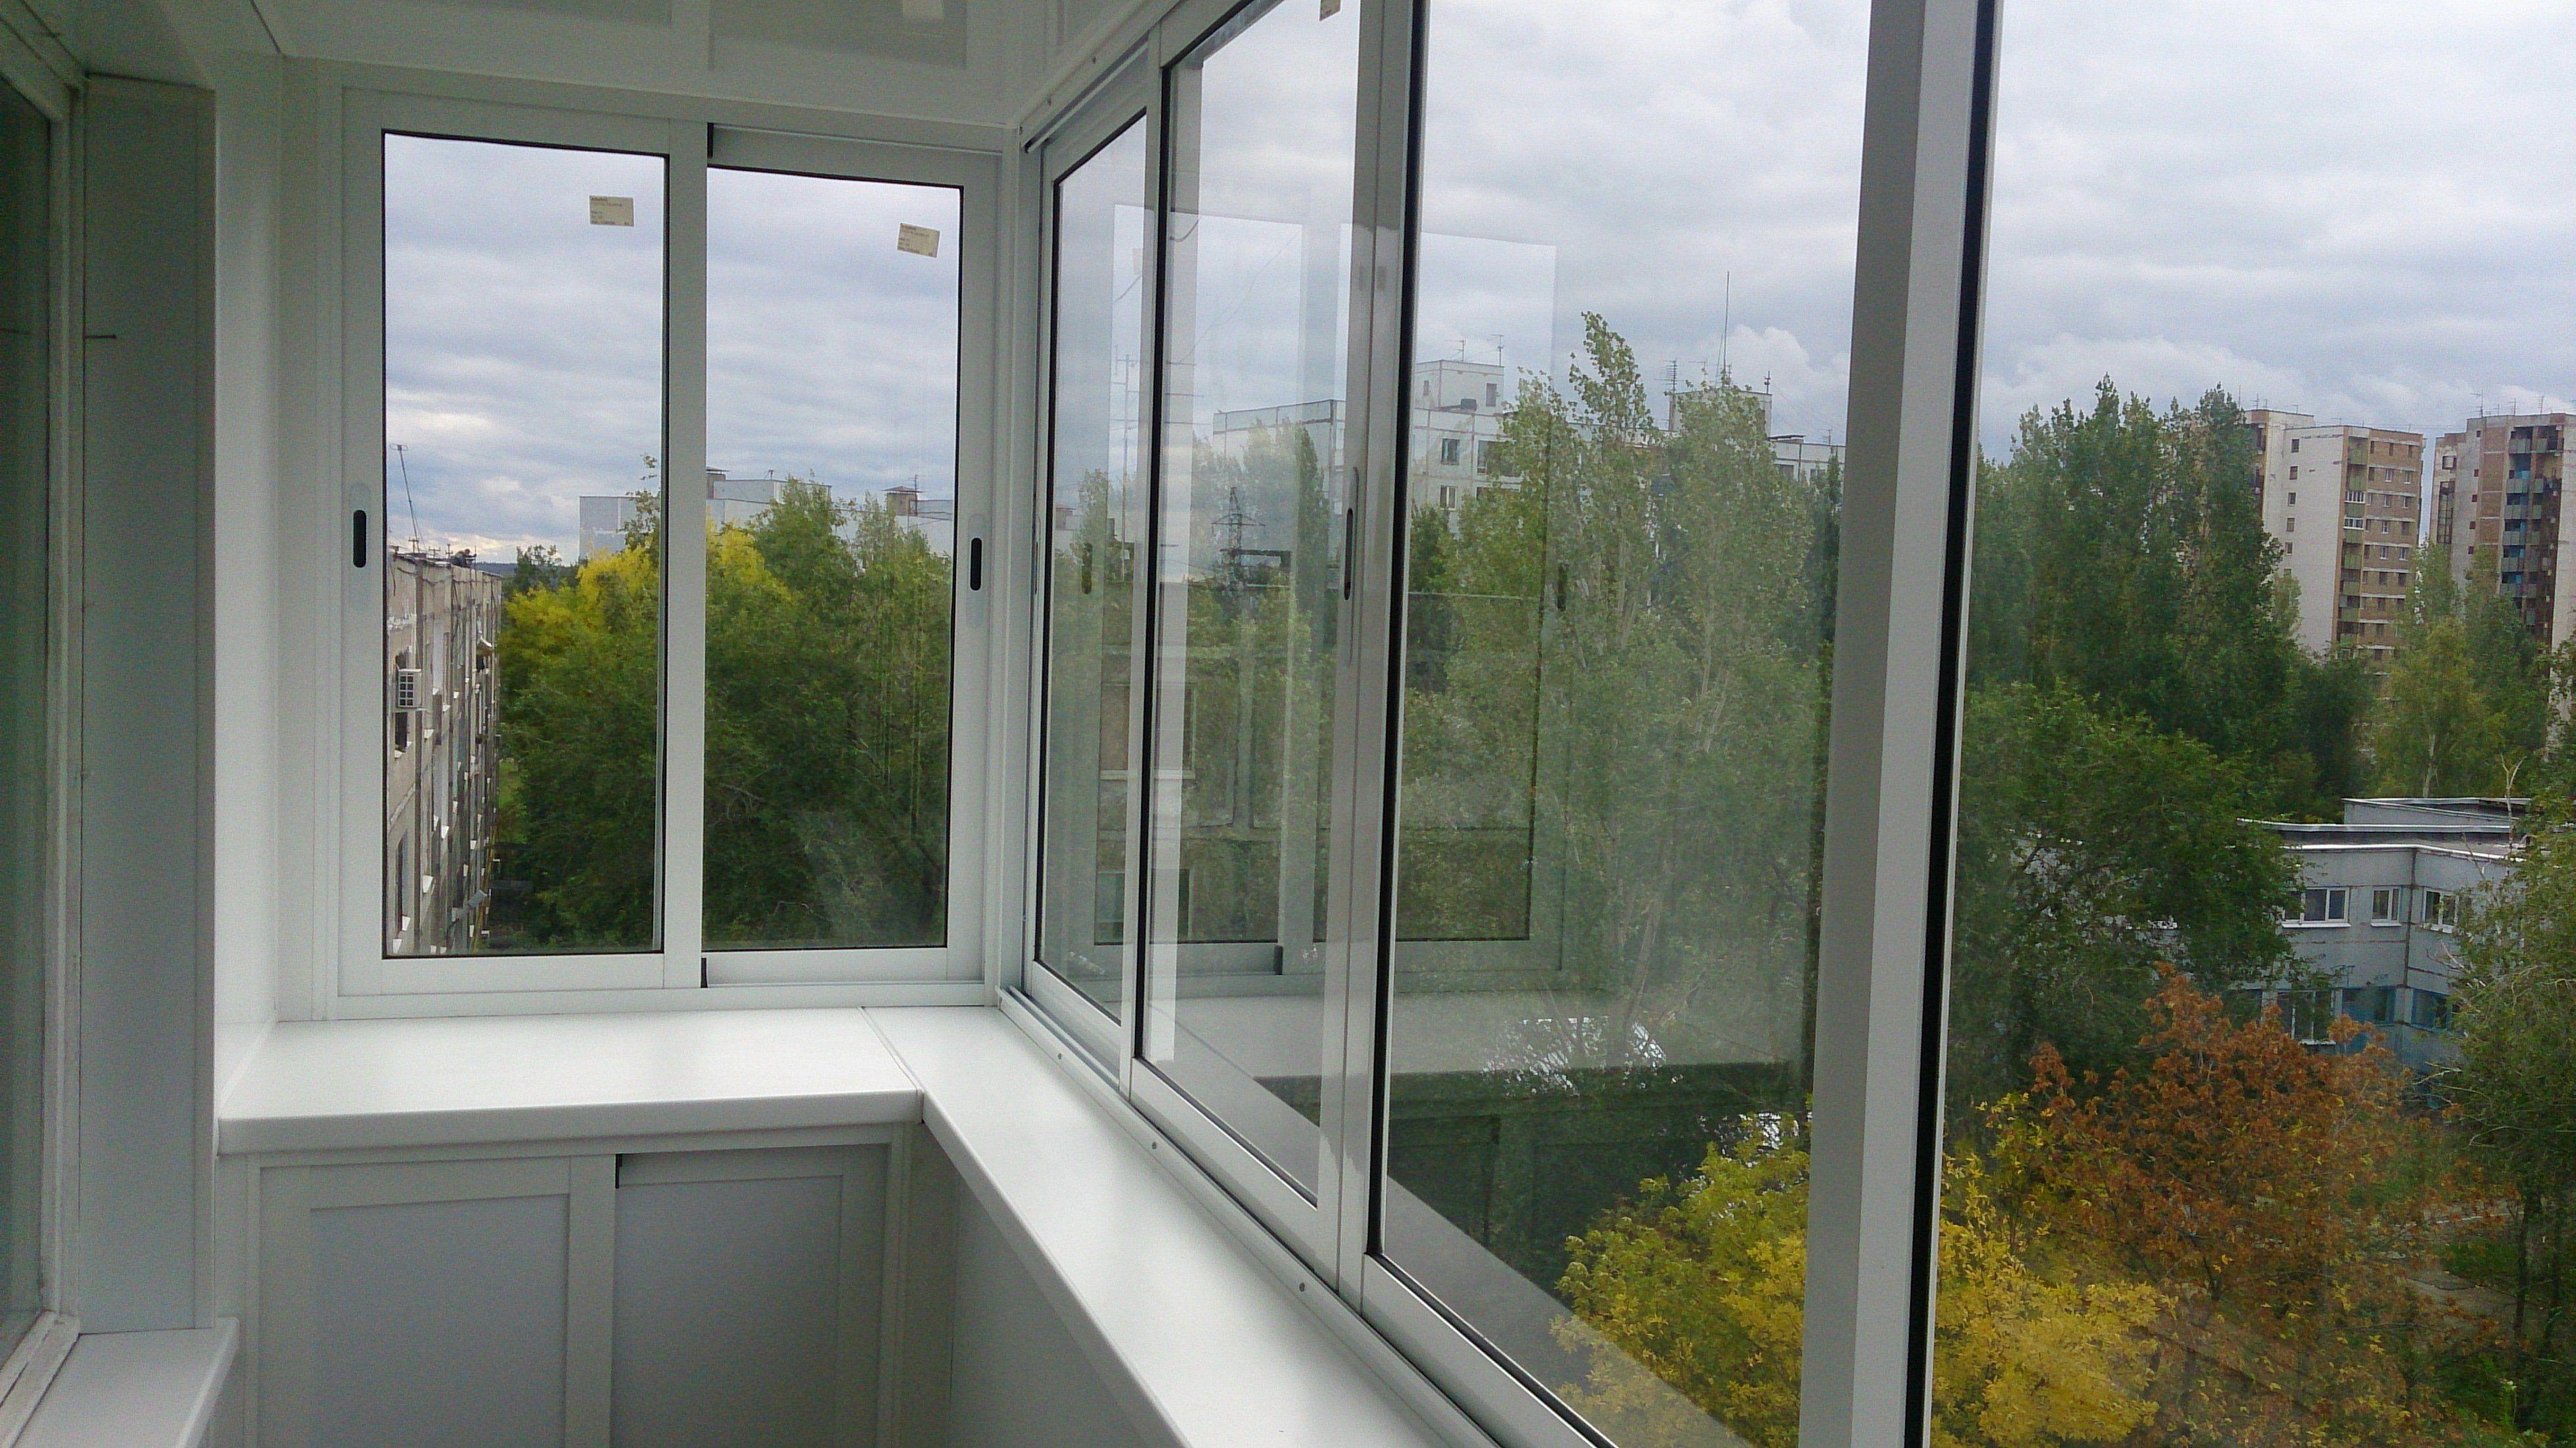 Какие окна выбрать для остекления балкона и лоджии.